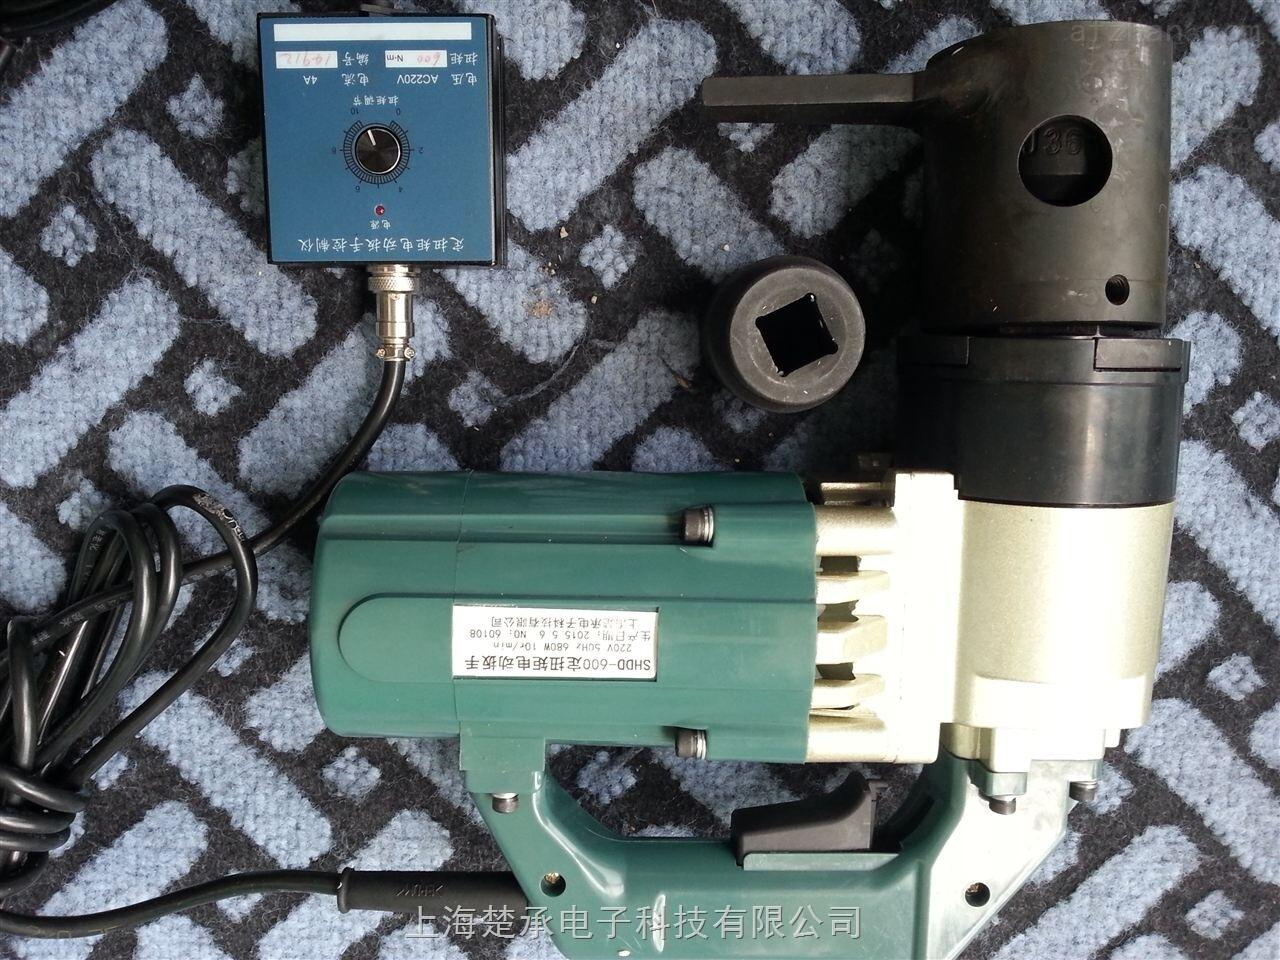 专业设计电动扭力扳手结构 产品介绍 楚承生产的电动定扭力扳手具有自动控制扭矩功能是装配螺纹件及螺栓的机械化施工工具。我司电动定扭力扳手广泛应用于栓焊结构桥梁的架设,厂房、塔架及化工、冶金、发电设备的安装。大型机械、起重设备和车辆装配作业以及对螺纹紧固件的扭矩及轴向拉力有严格要求的场合。 注意事项操作: (需特别注意) 1、接通电源前应先查看电源电压是否与本产品铭牌相符,是否有接地装置。当电源电压超出+10%时应采取稳压措施,否则会影响控制精度。接地不良易造成事故。 2、工具使用的环境温度为-10-